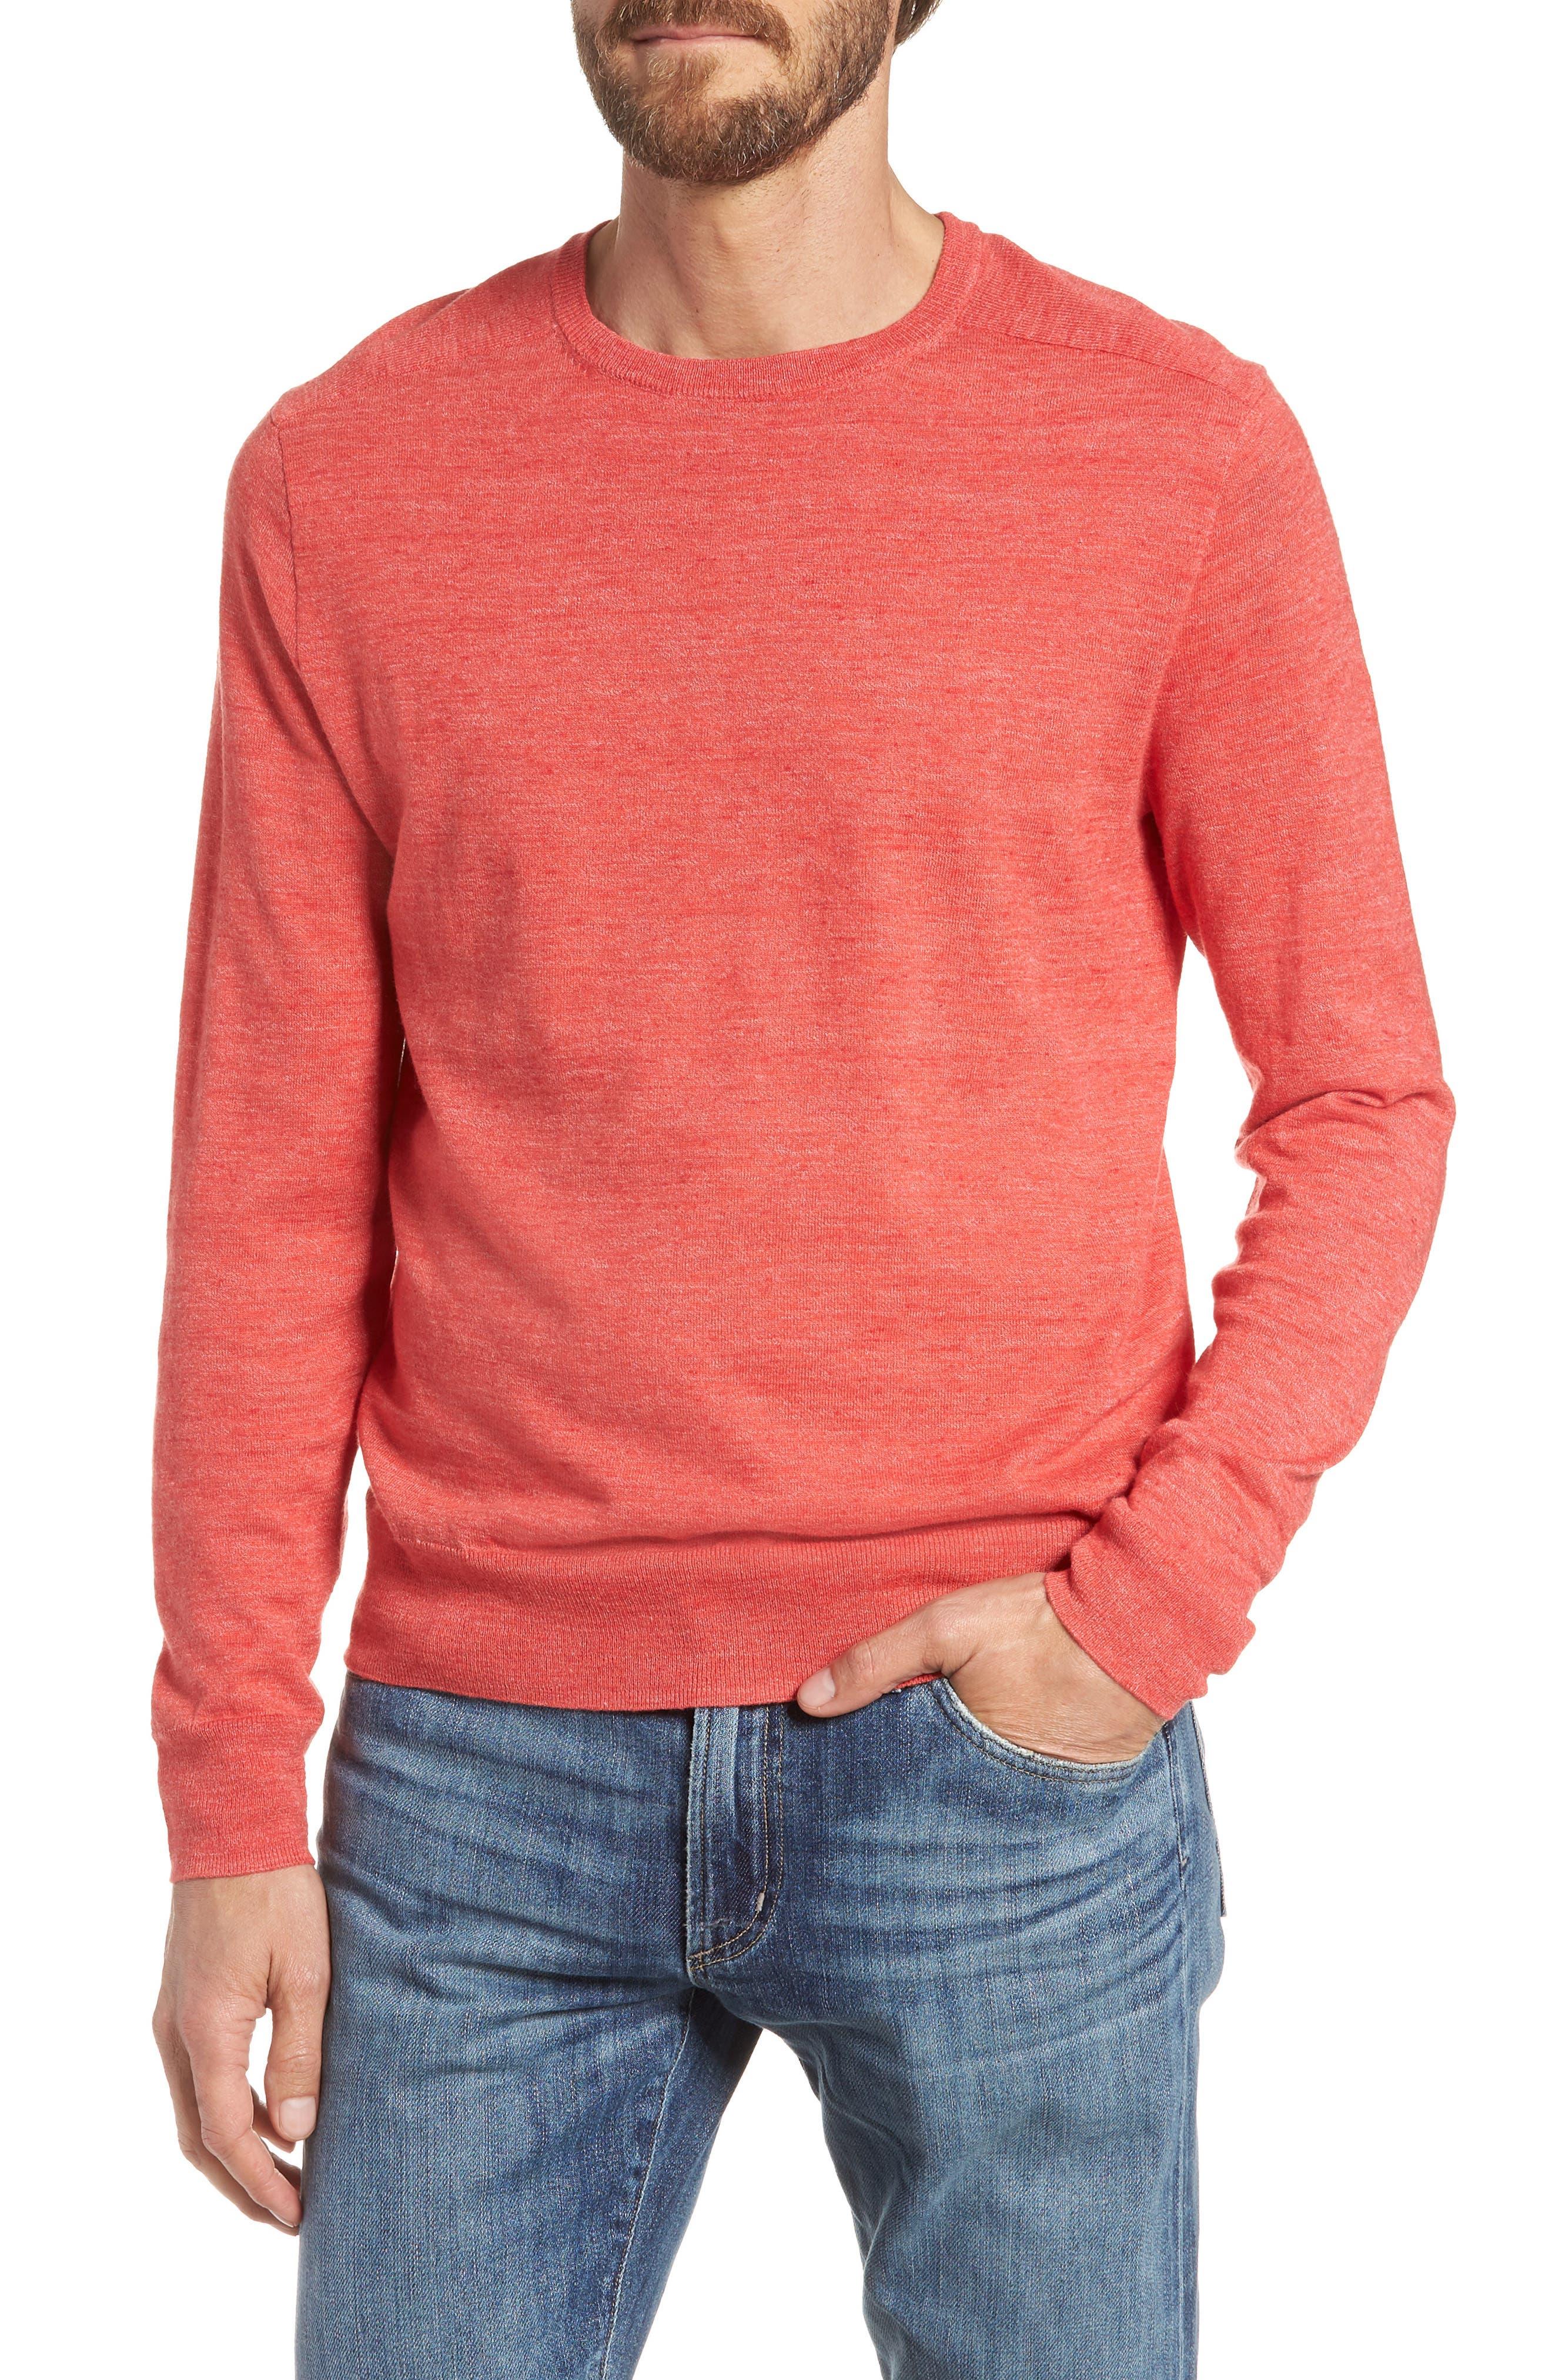 Cotton Blend Crewneck Sweater,                             Main thumbnail 4, color,